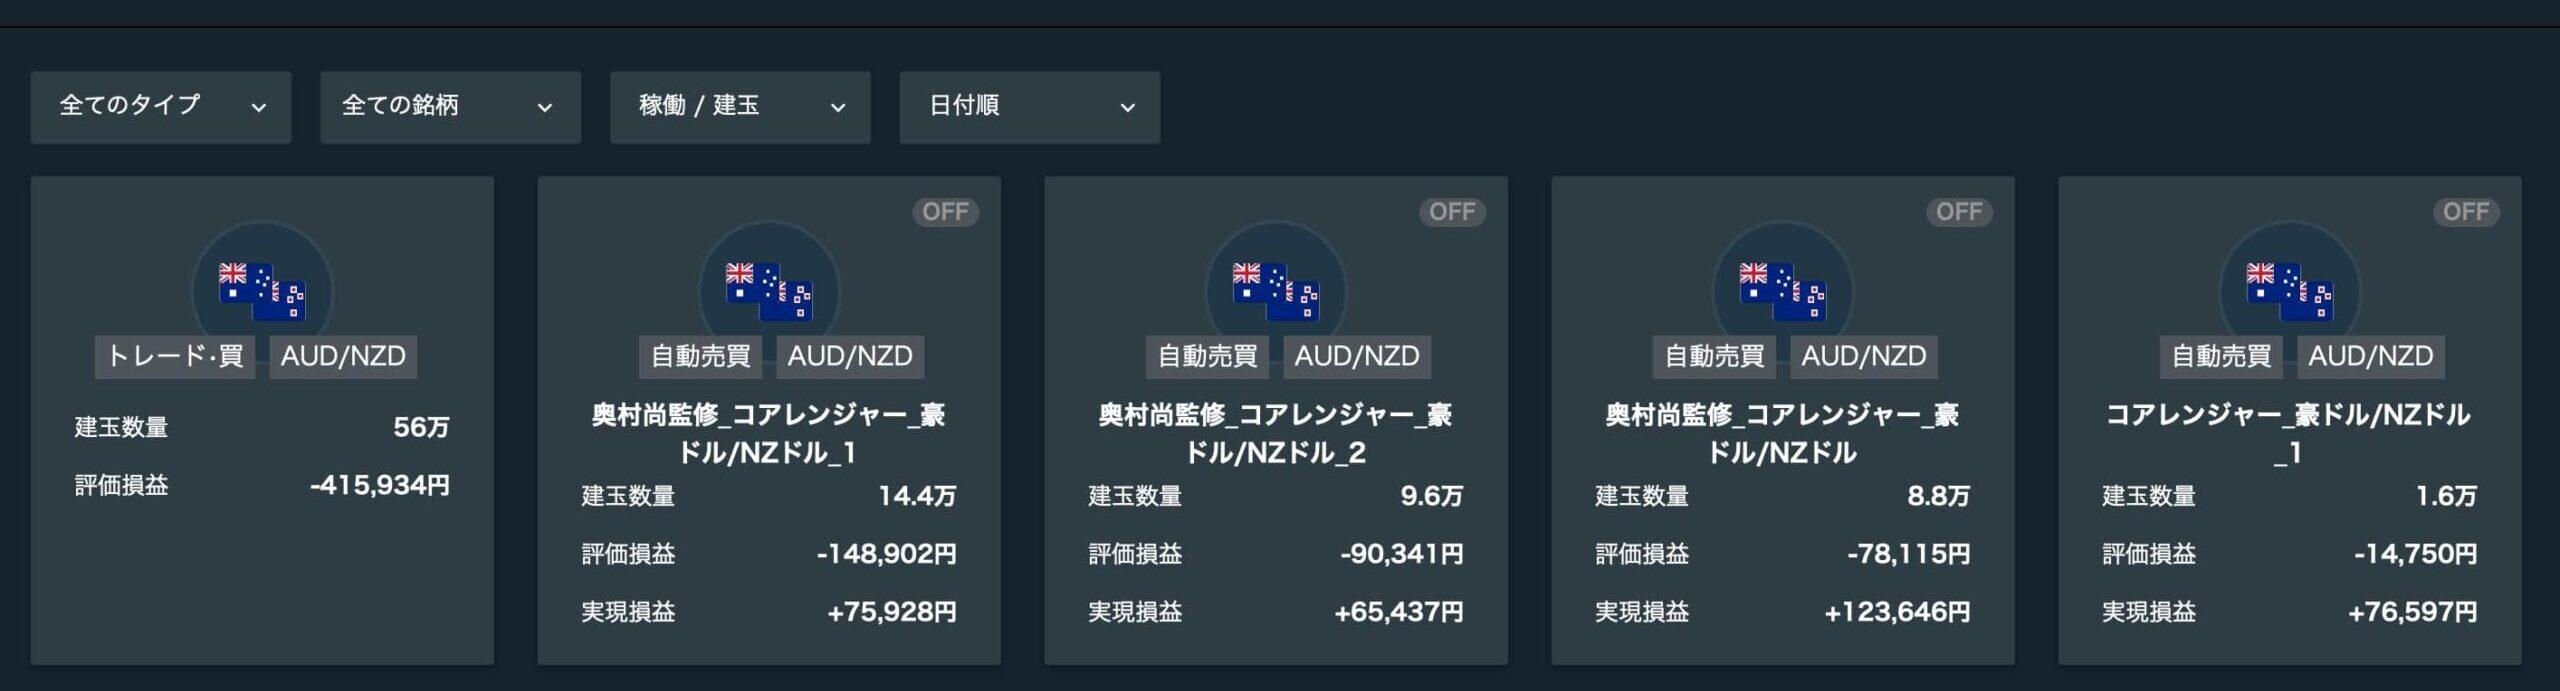 2021年5月末の保有ポジション|豪ドル/NZドルのペア